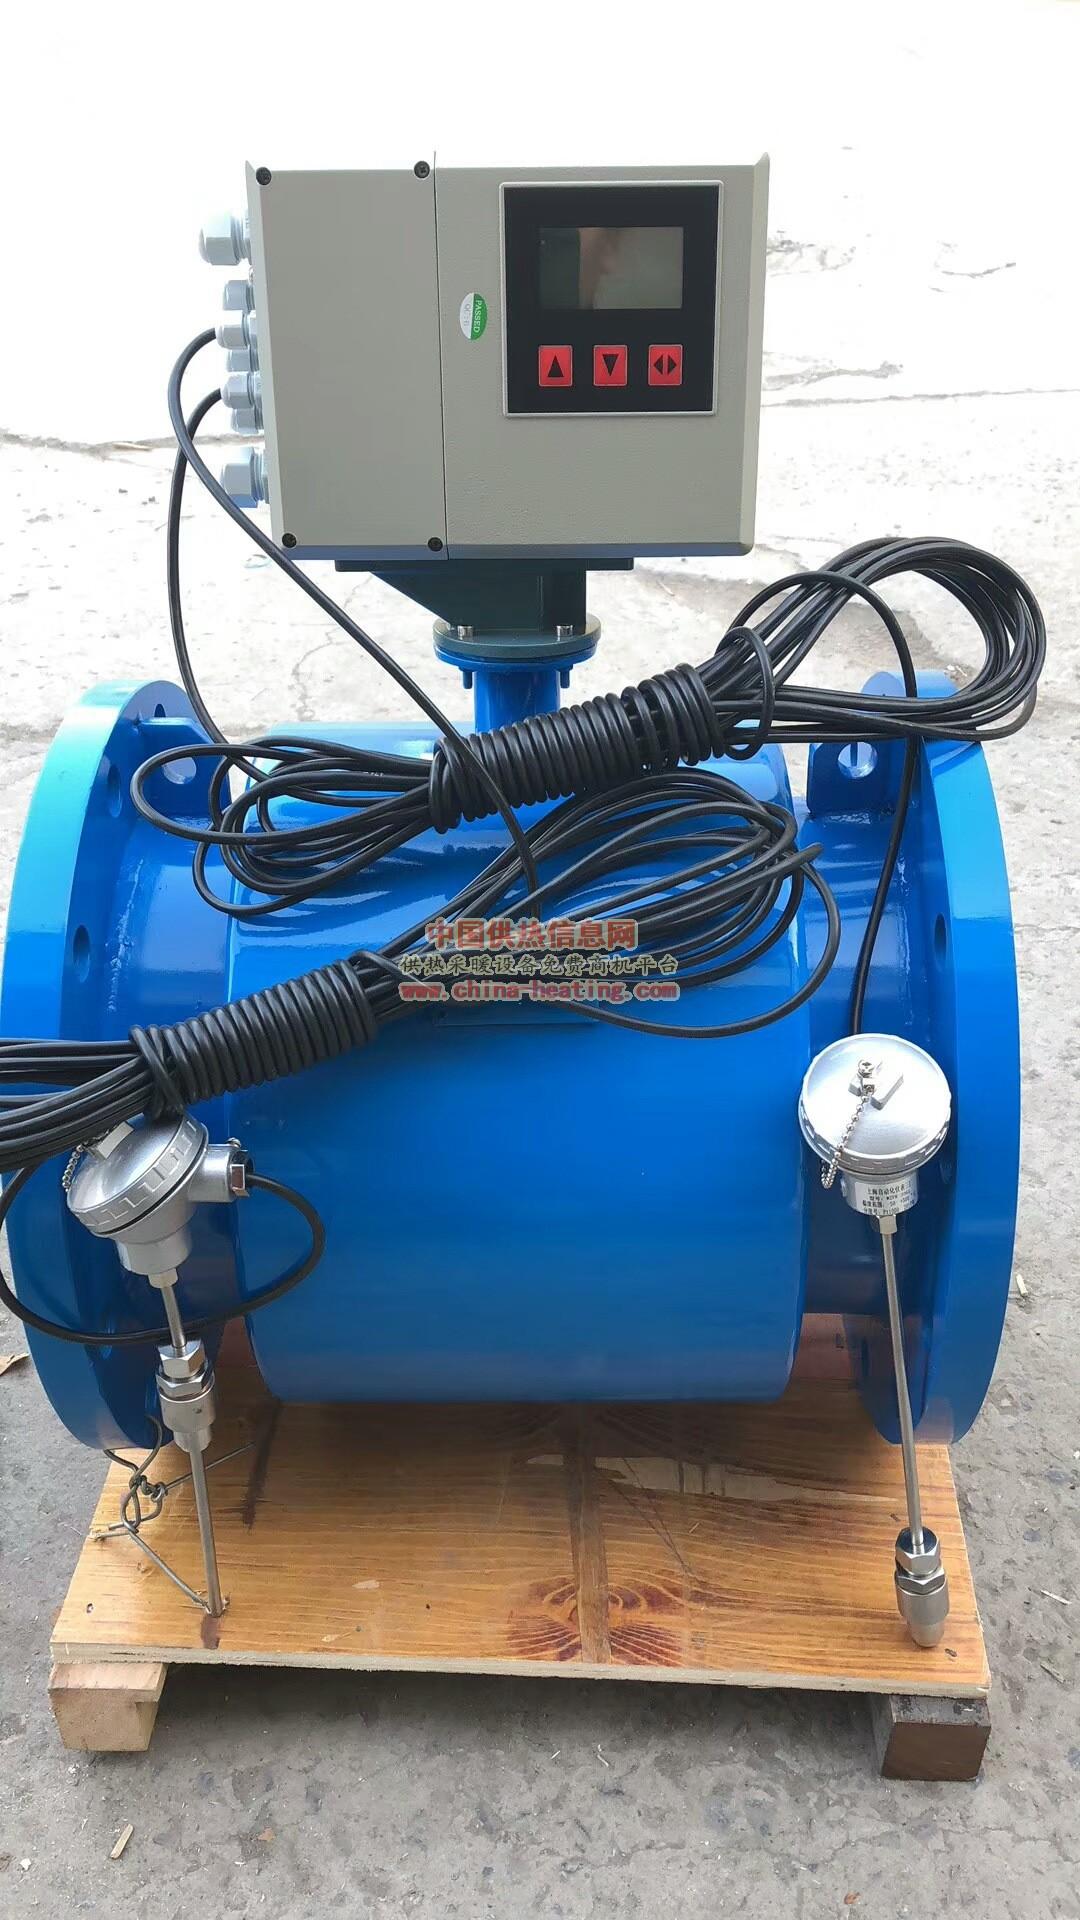 高精度电磁式热量表-开封惠尔热量表厂家直销